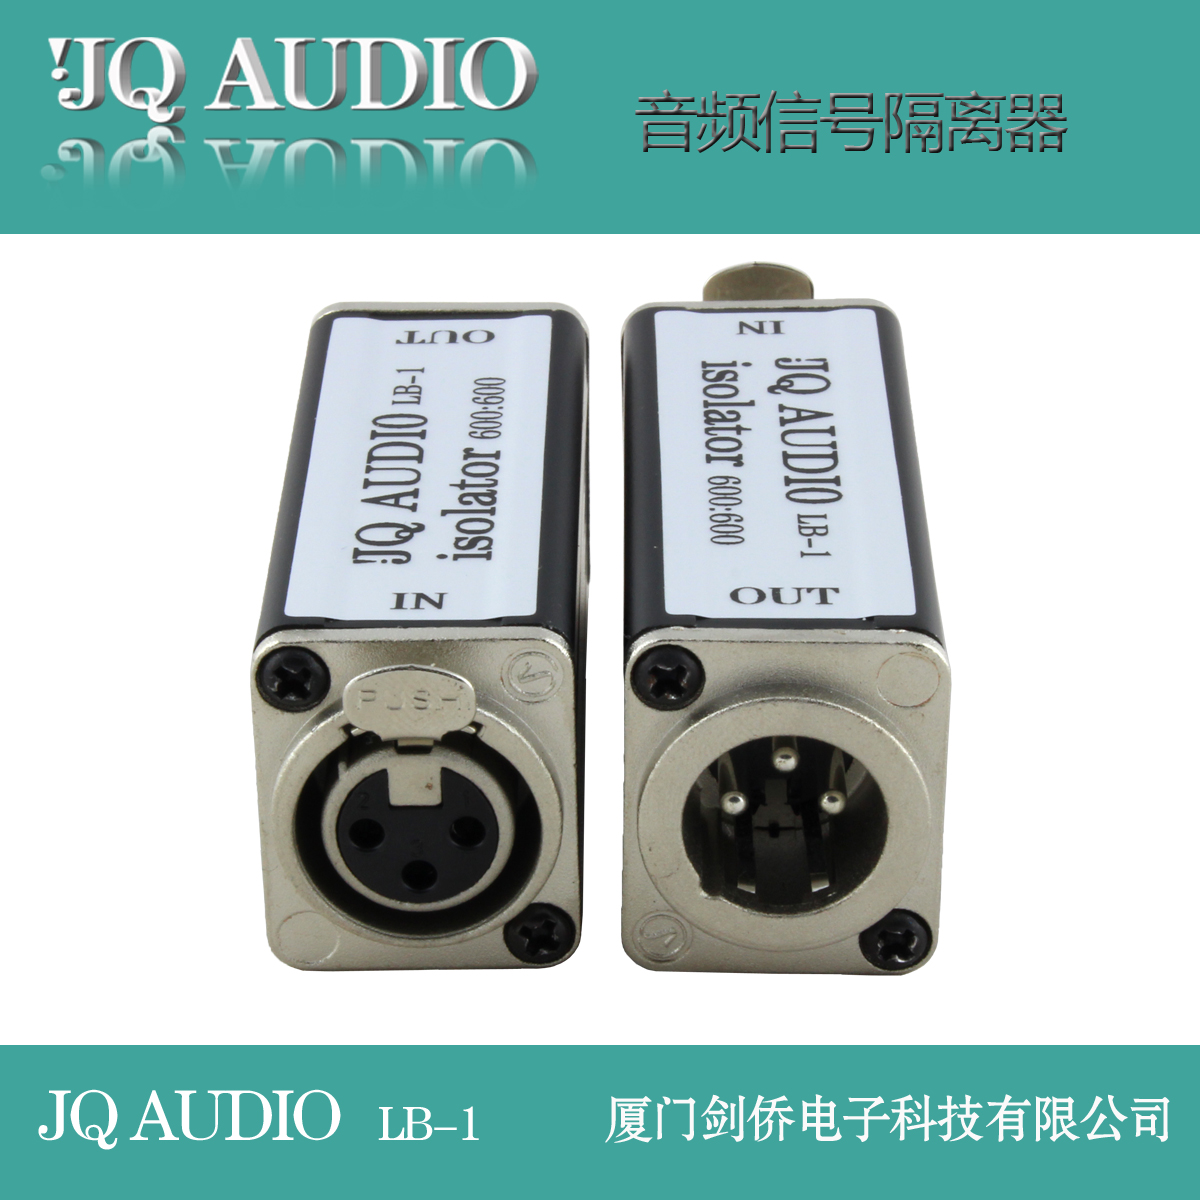 专业音频隔离器消除噪音电流声 卡侬插口音频滤波隔离器